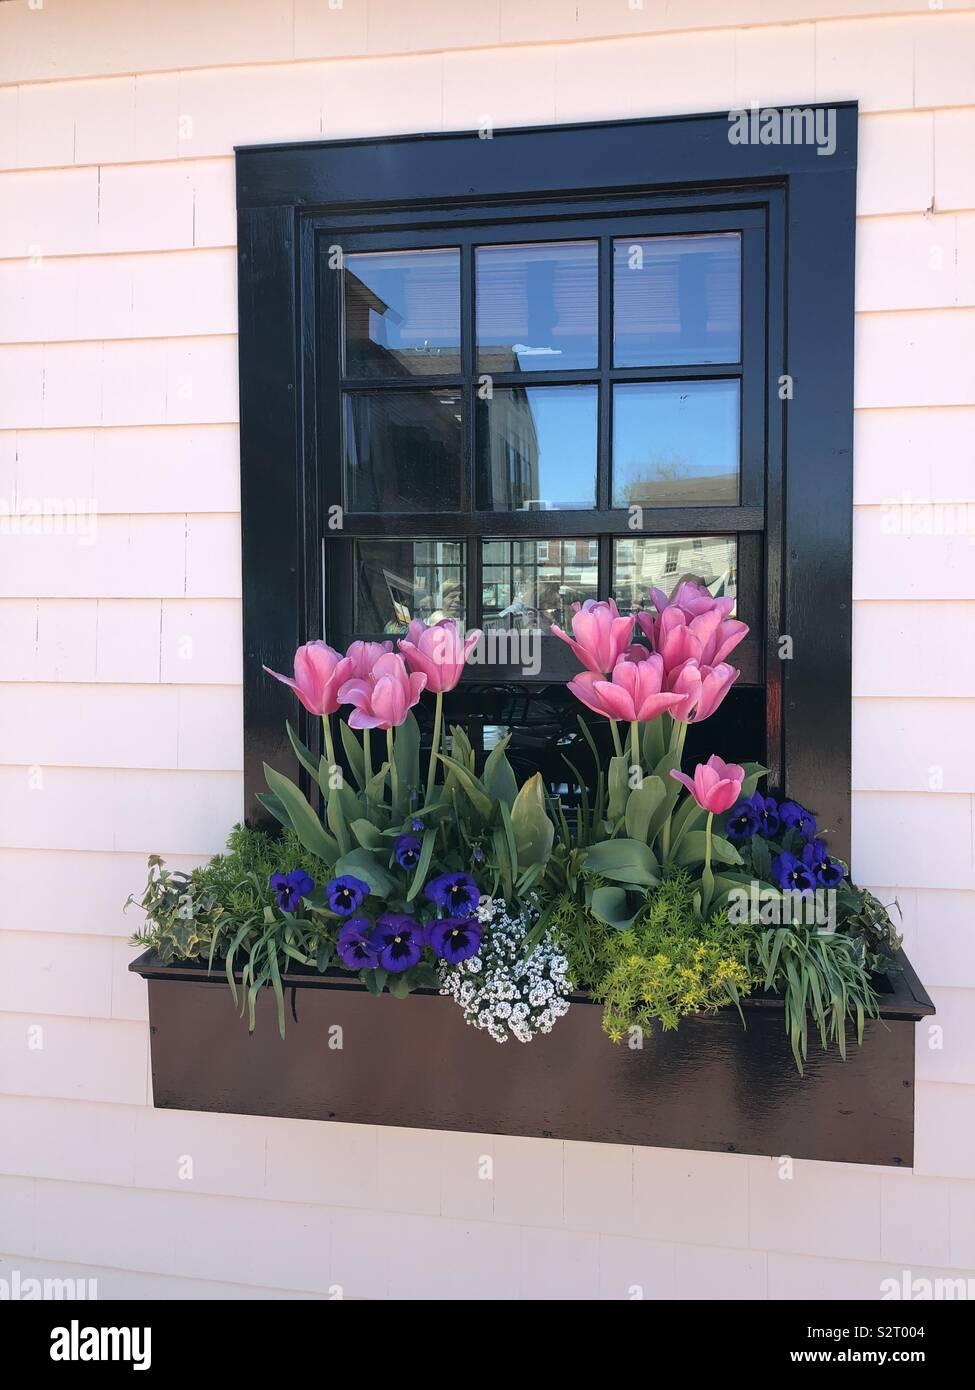 Berühmt Fenster Blumenkasten Stockfotos & Fenster Blumenkasten Bilder - Alamy #SX_28